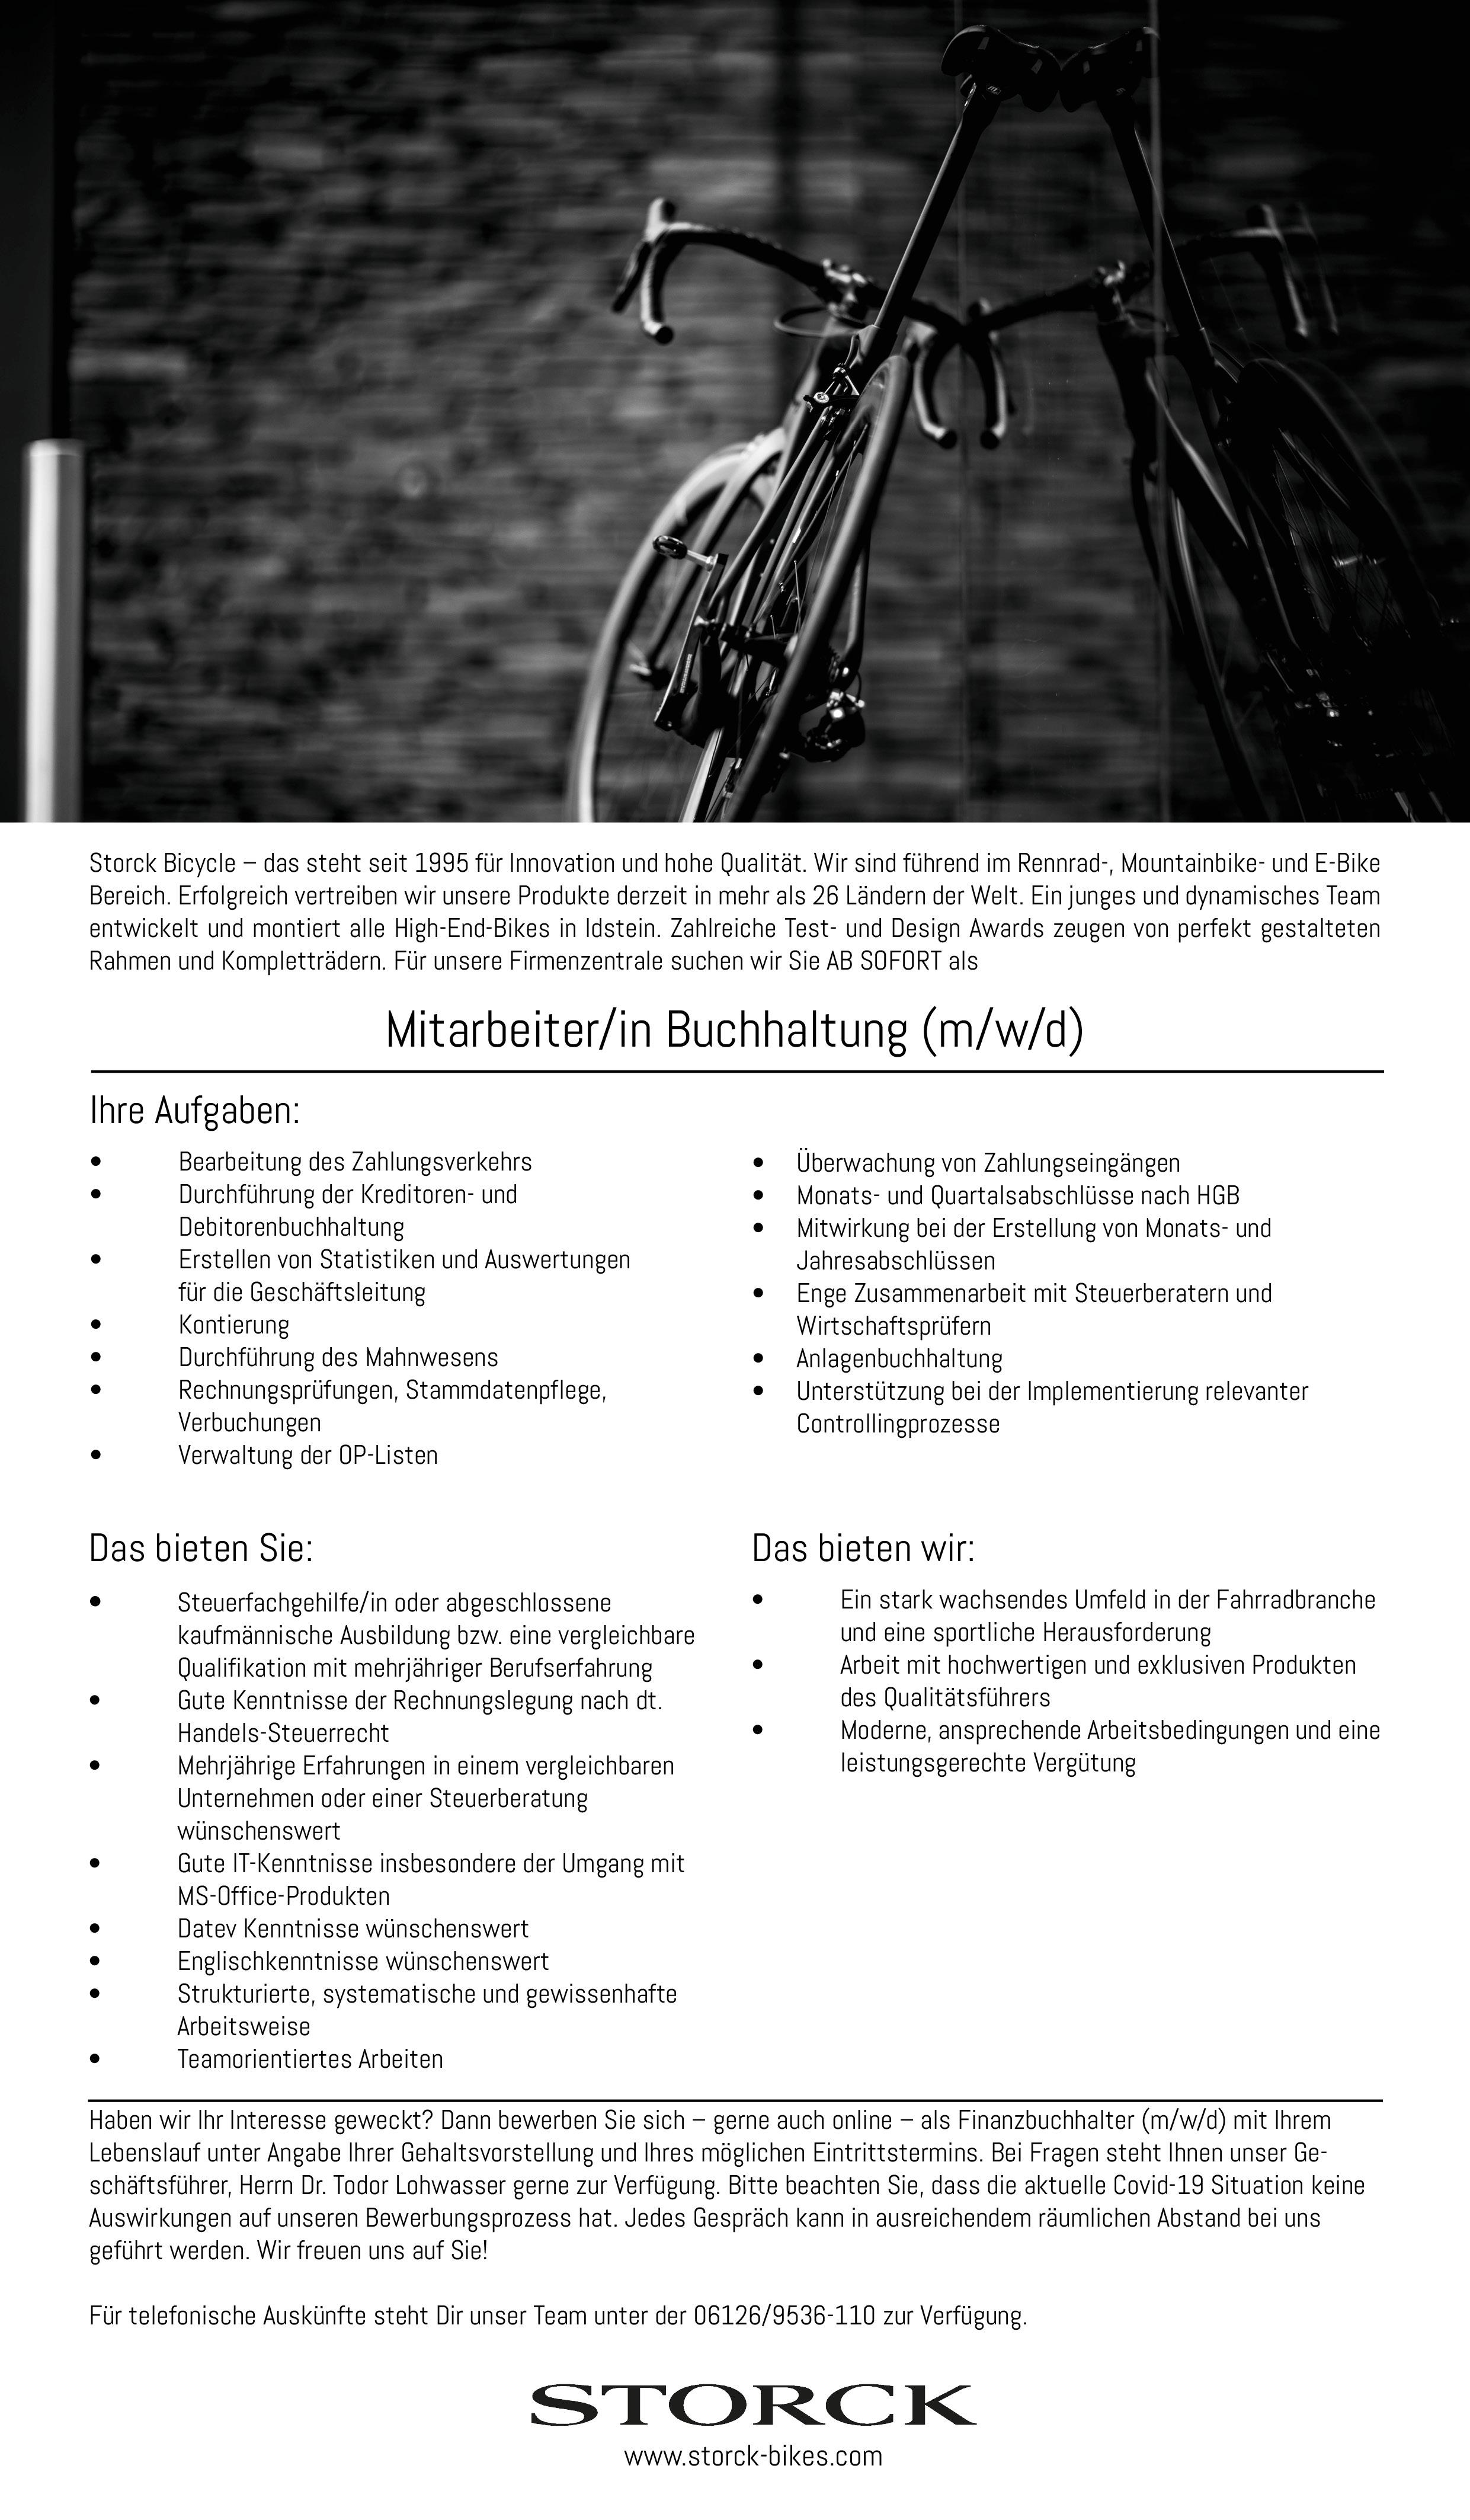 Mitarbeiter/in Buchhaltung (m/w/d)